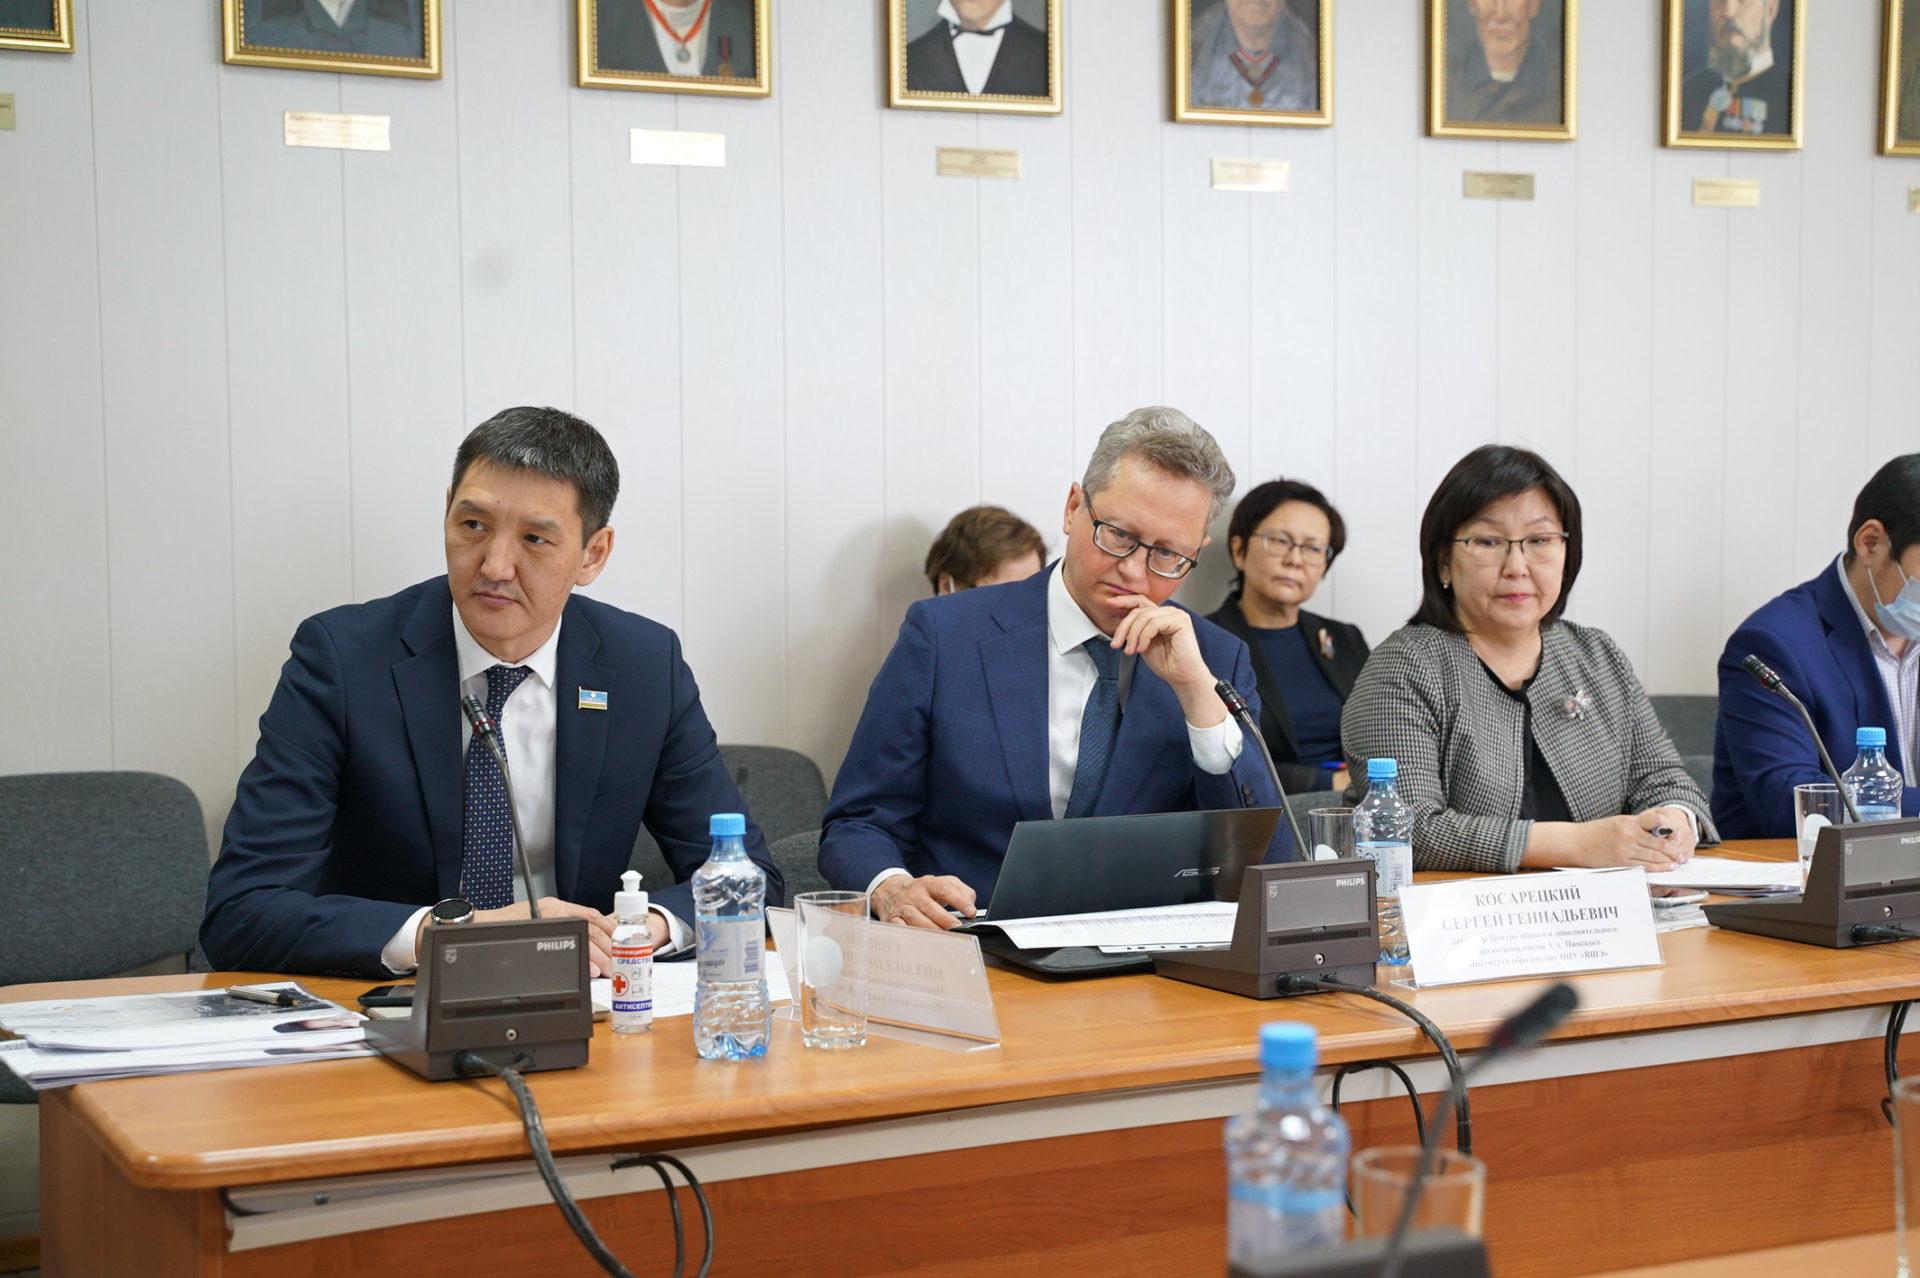 ВЭБ.РФ и министерство образования и науки Республики Саха (Якутия) оценили реализацию первого проекта соцвоздействия